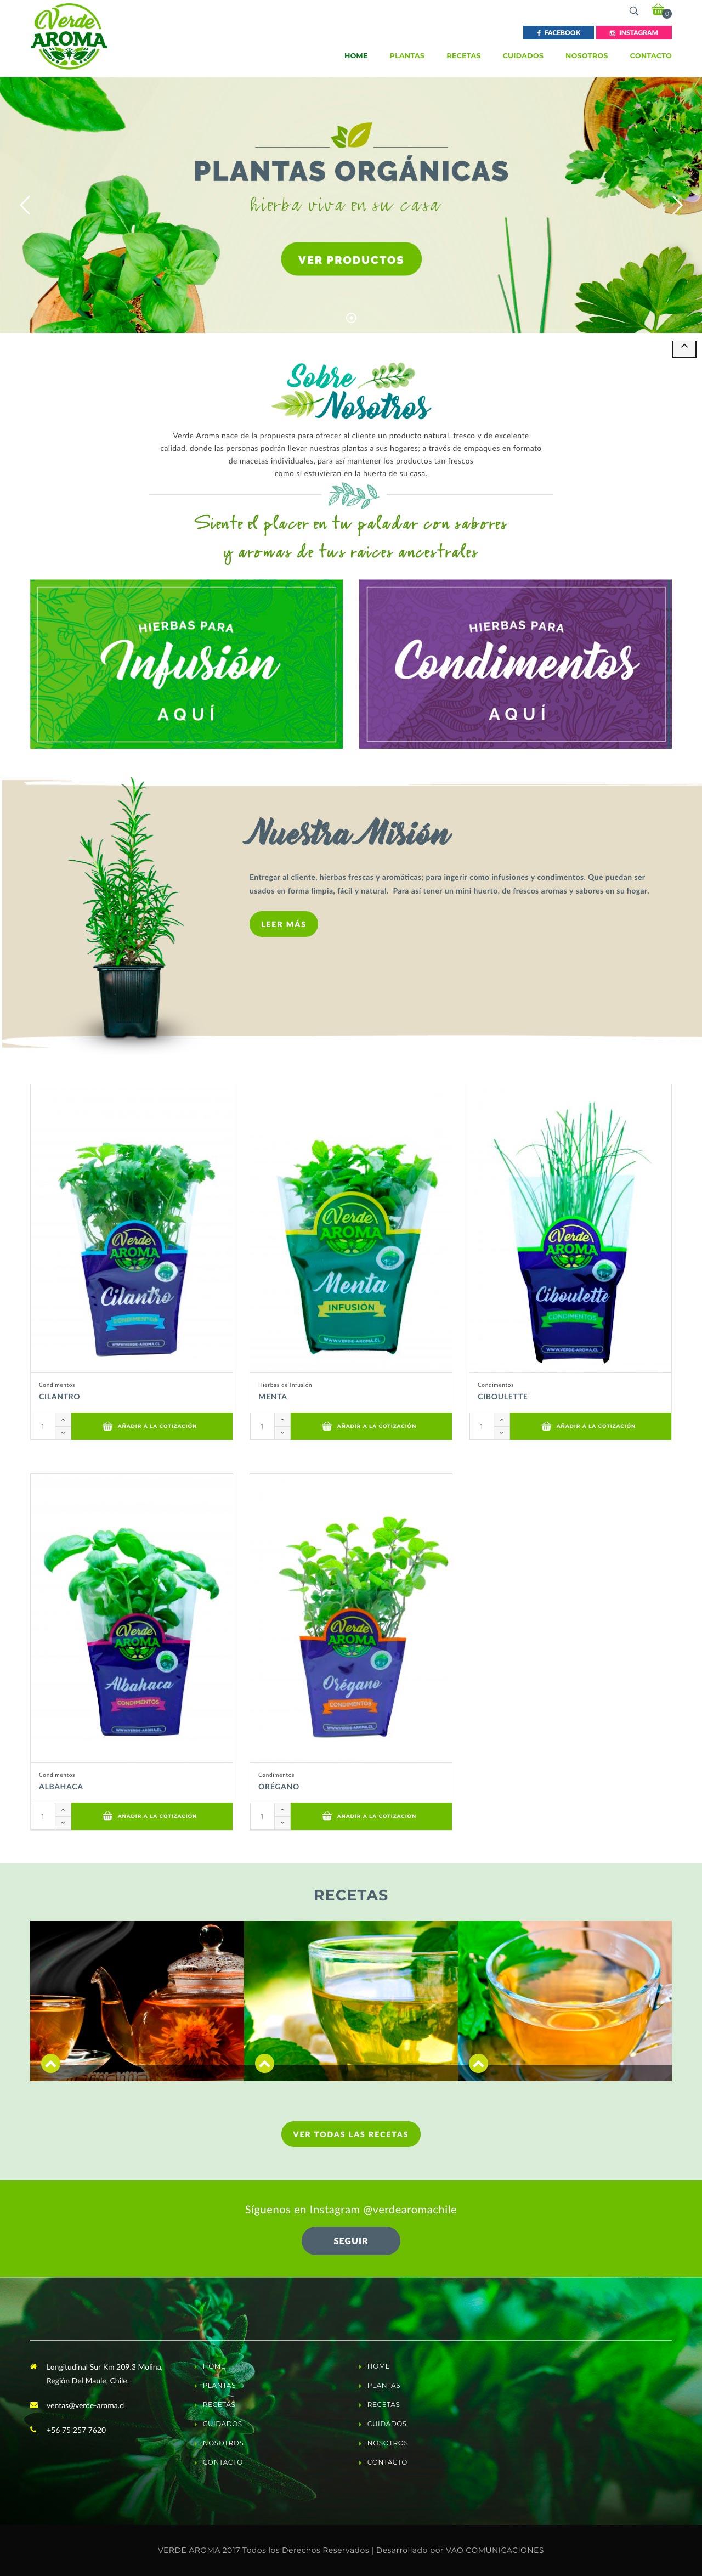 verde aroma web